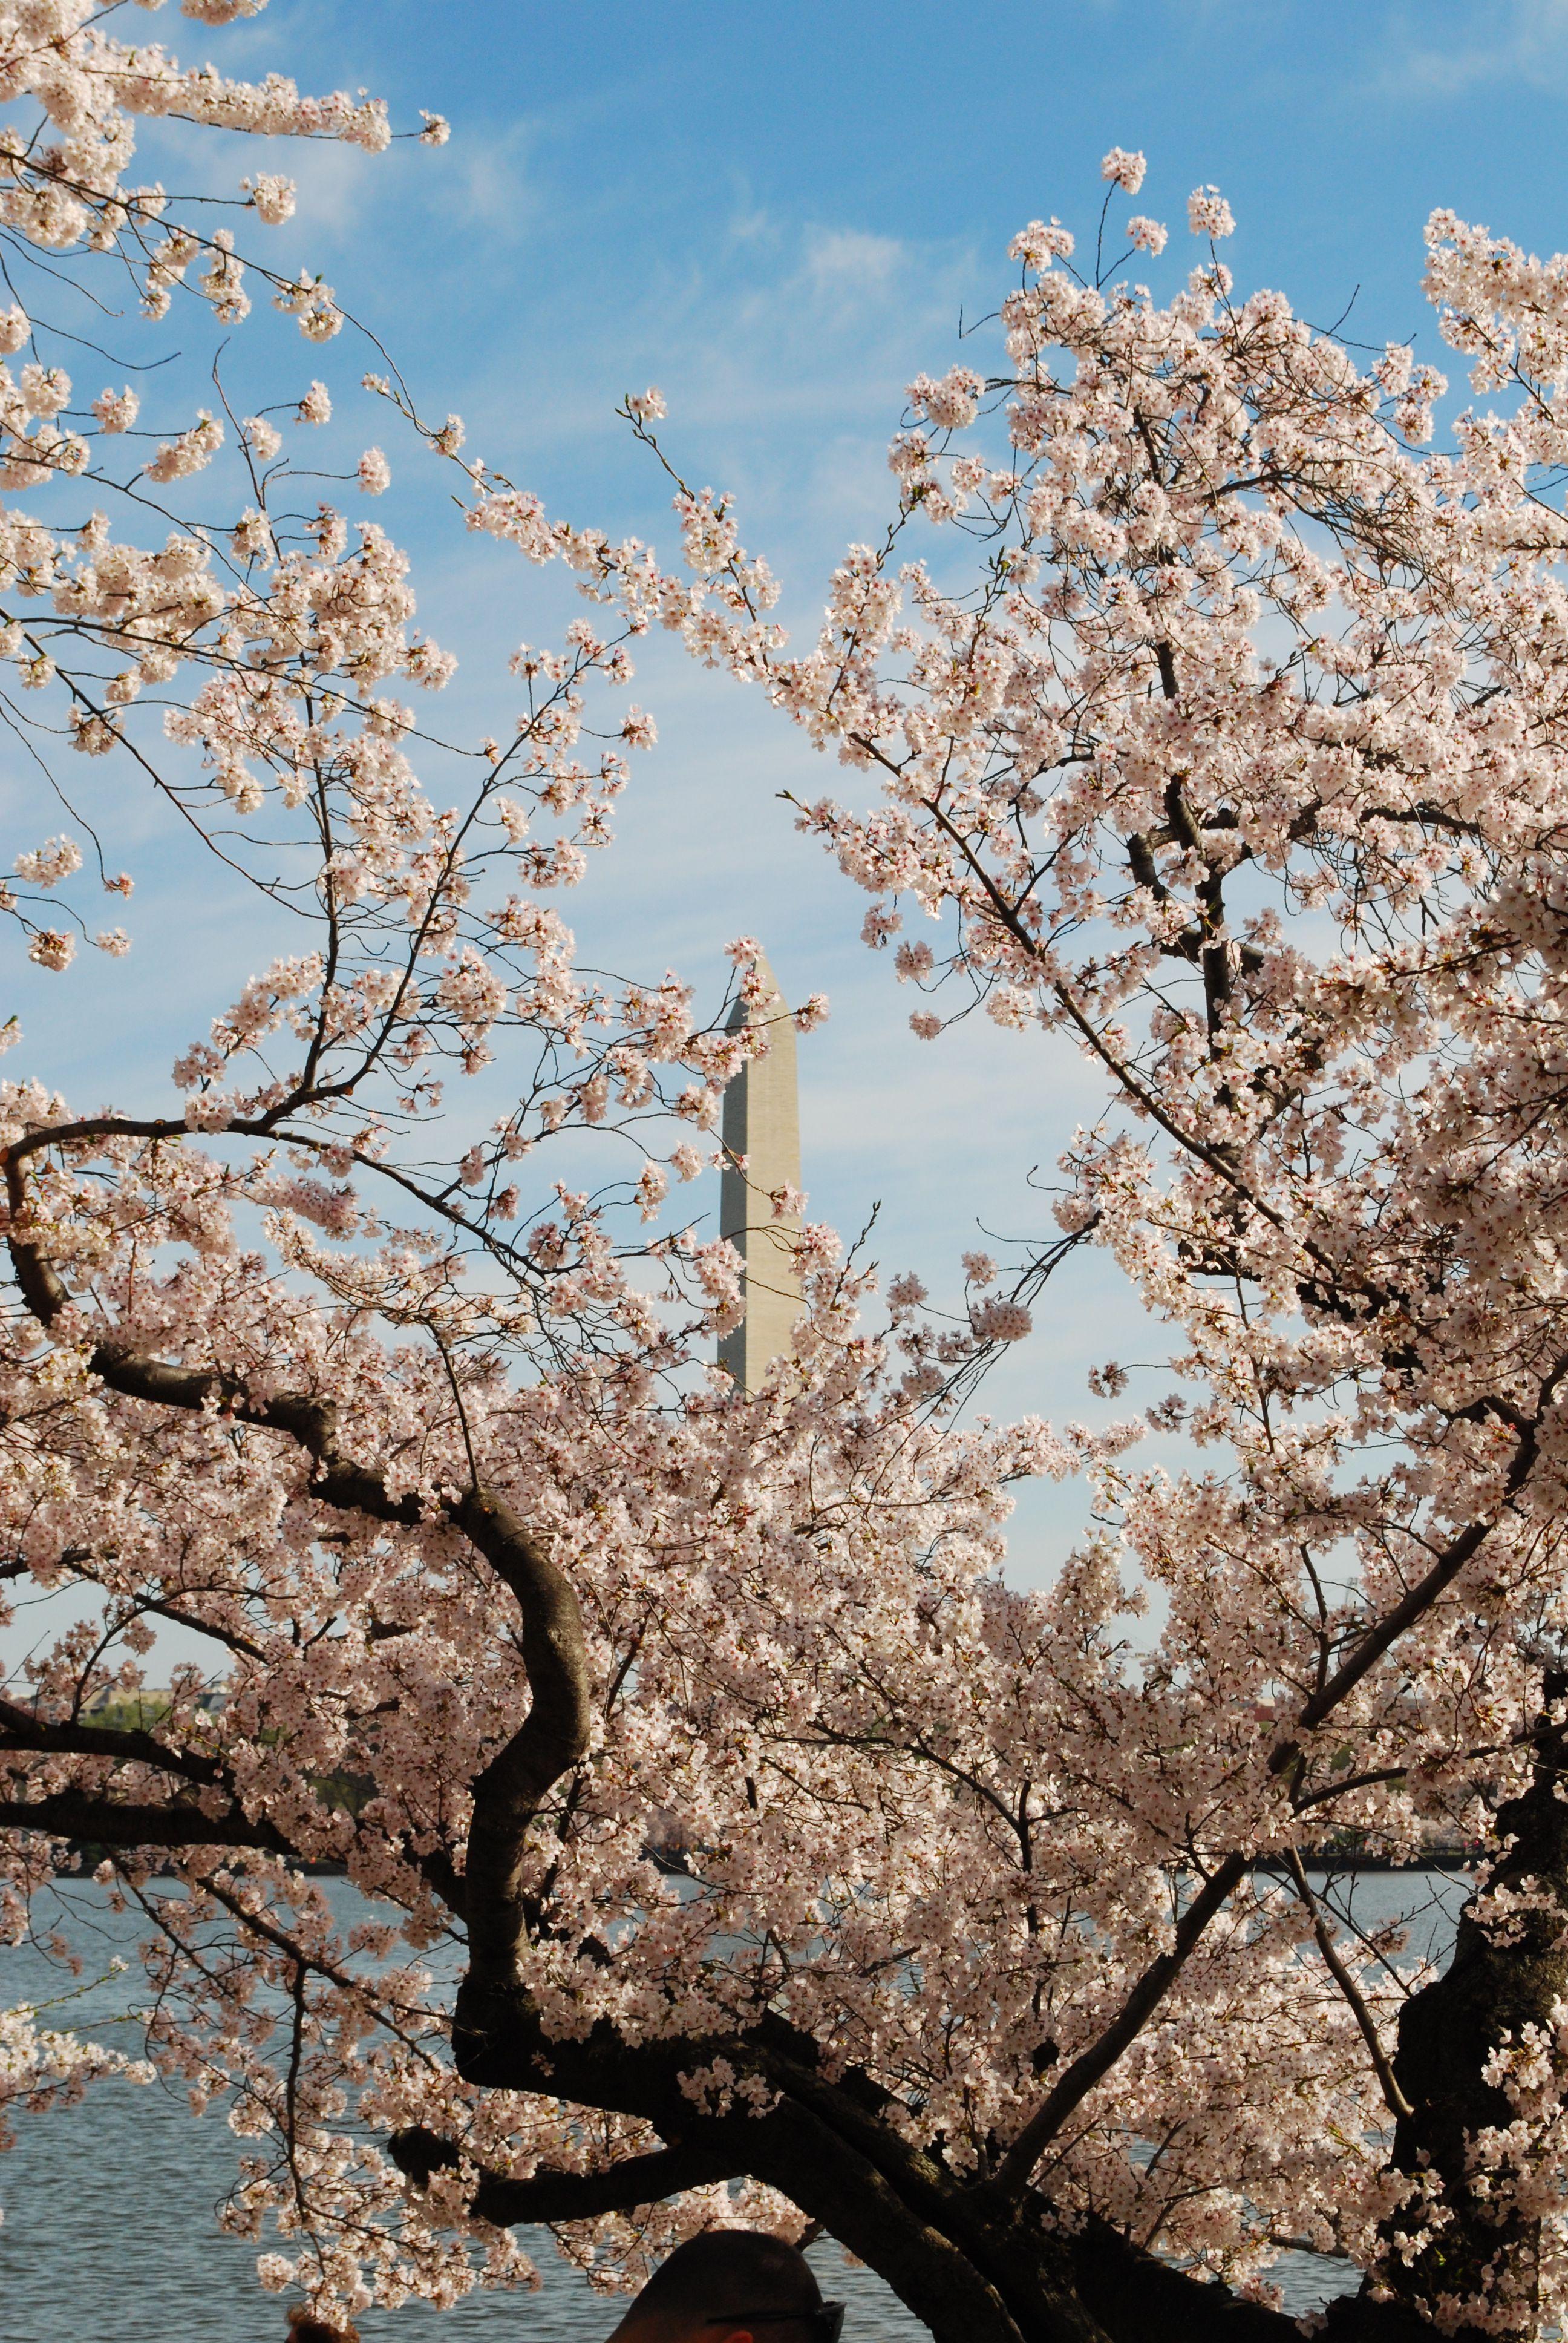 Cherry Blossom Washington Dc Cherry Blossom Washington Dc Washington Dc March Washington Dc